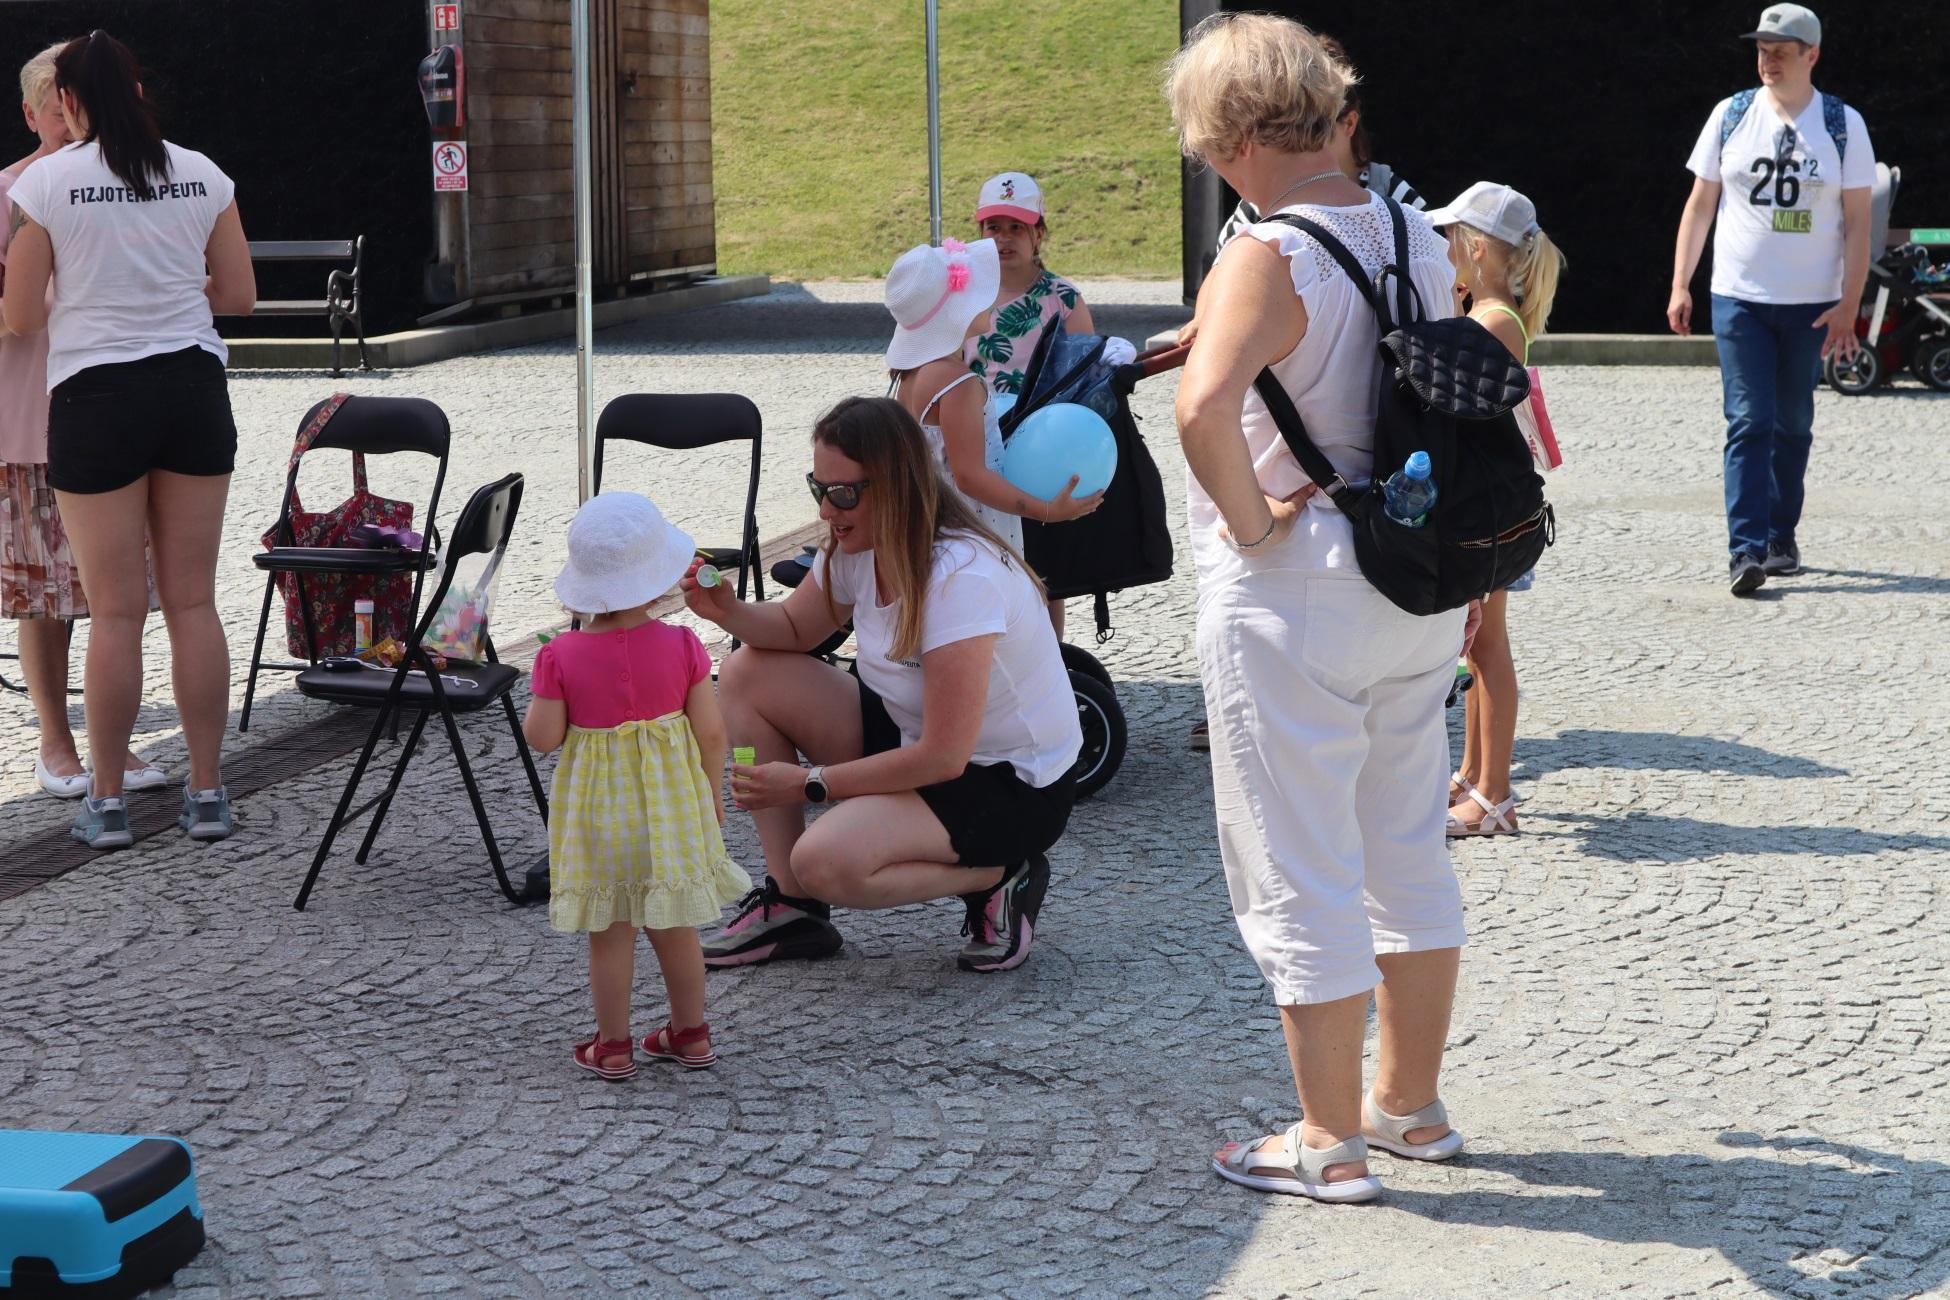 Gry i zabawy dla najmłodszych w tężni. Fizjoterapeutka kuca obok małej dziewczynki ubranej w różowo-żółtą sukienkę i biały kapelusik. Fizjoterapeutka pokazuje dziecku, jak zrobić mydlane bańki